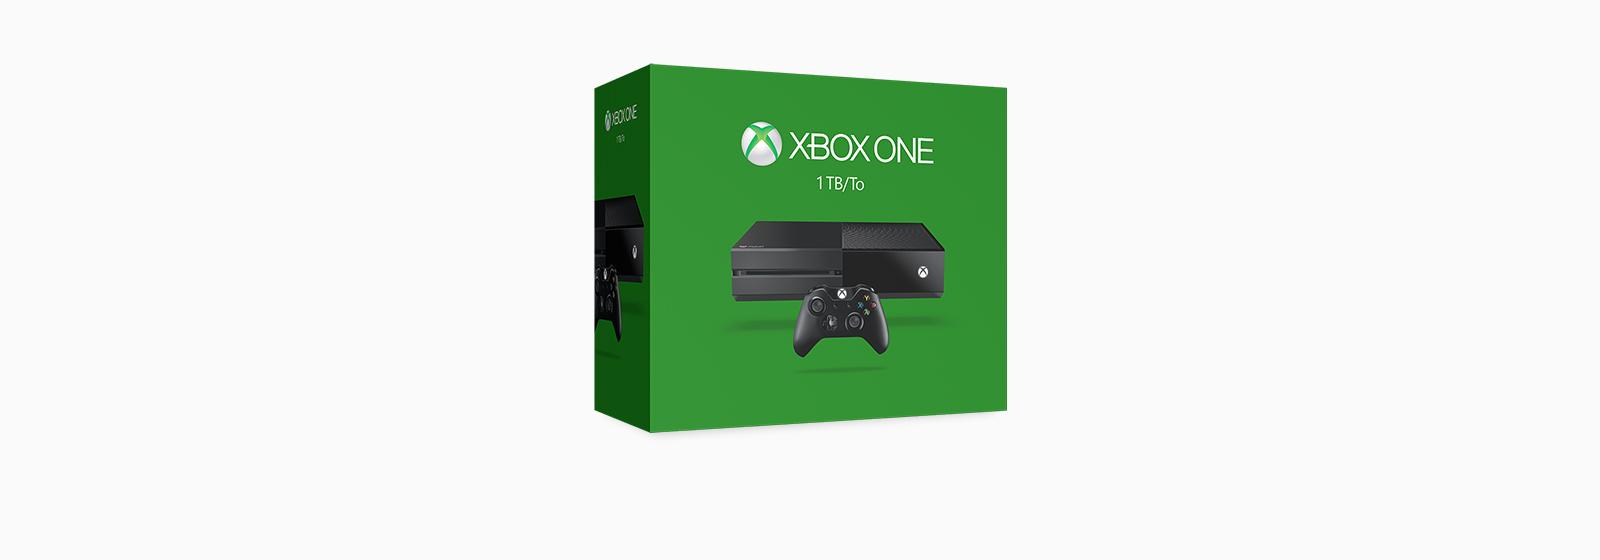 Lue lisää uudesta 1 teratavun Xbox-pelikonsolista.